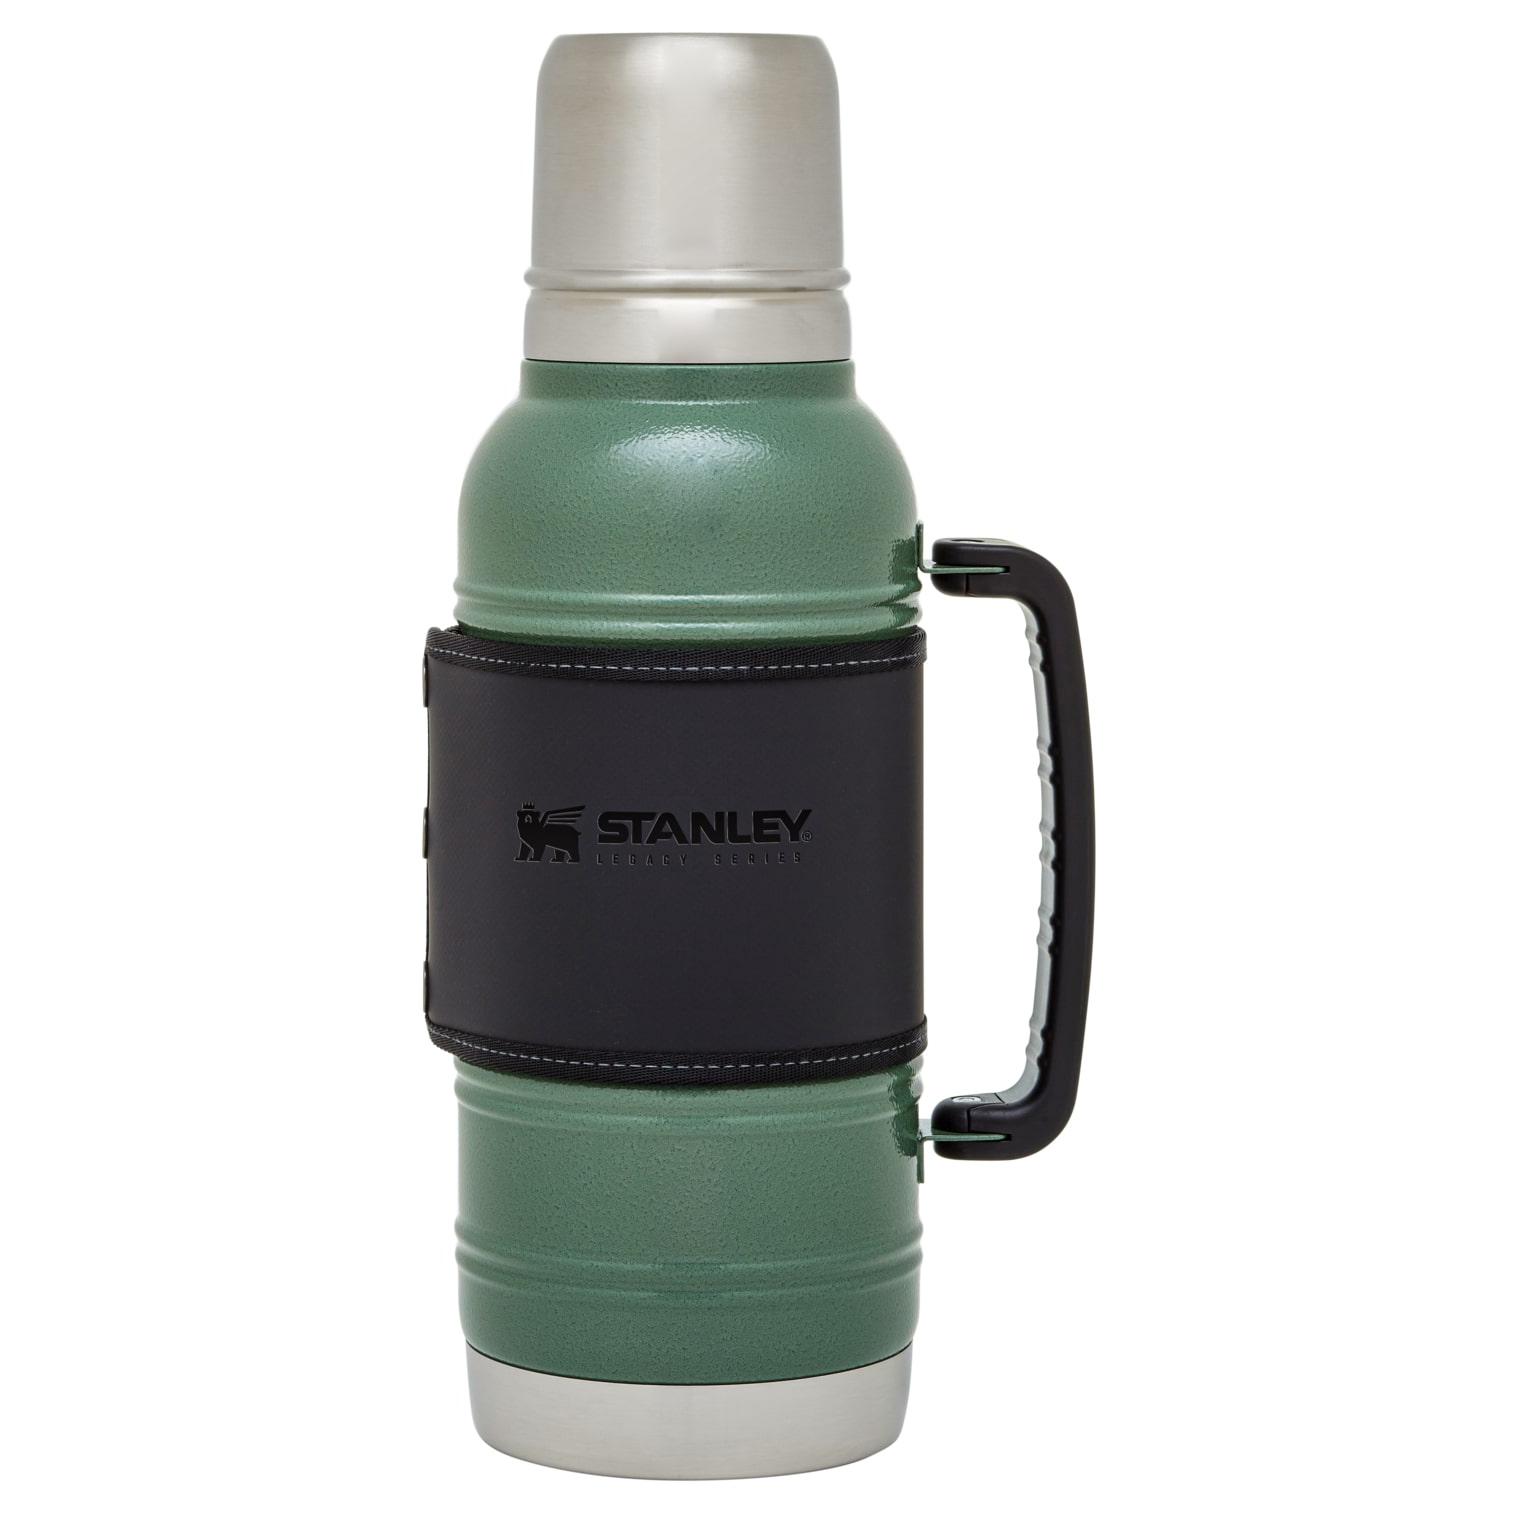 Bình Giữ Nhiệt Stanley Legacy Quadvac 1.4L - Green